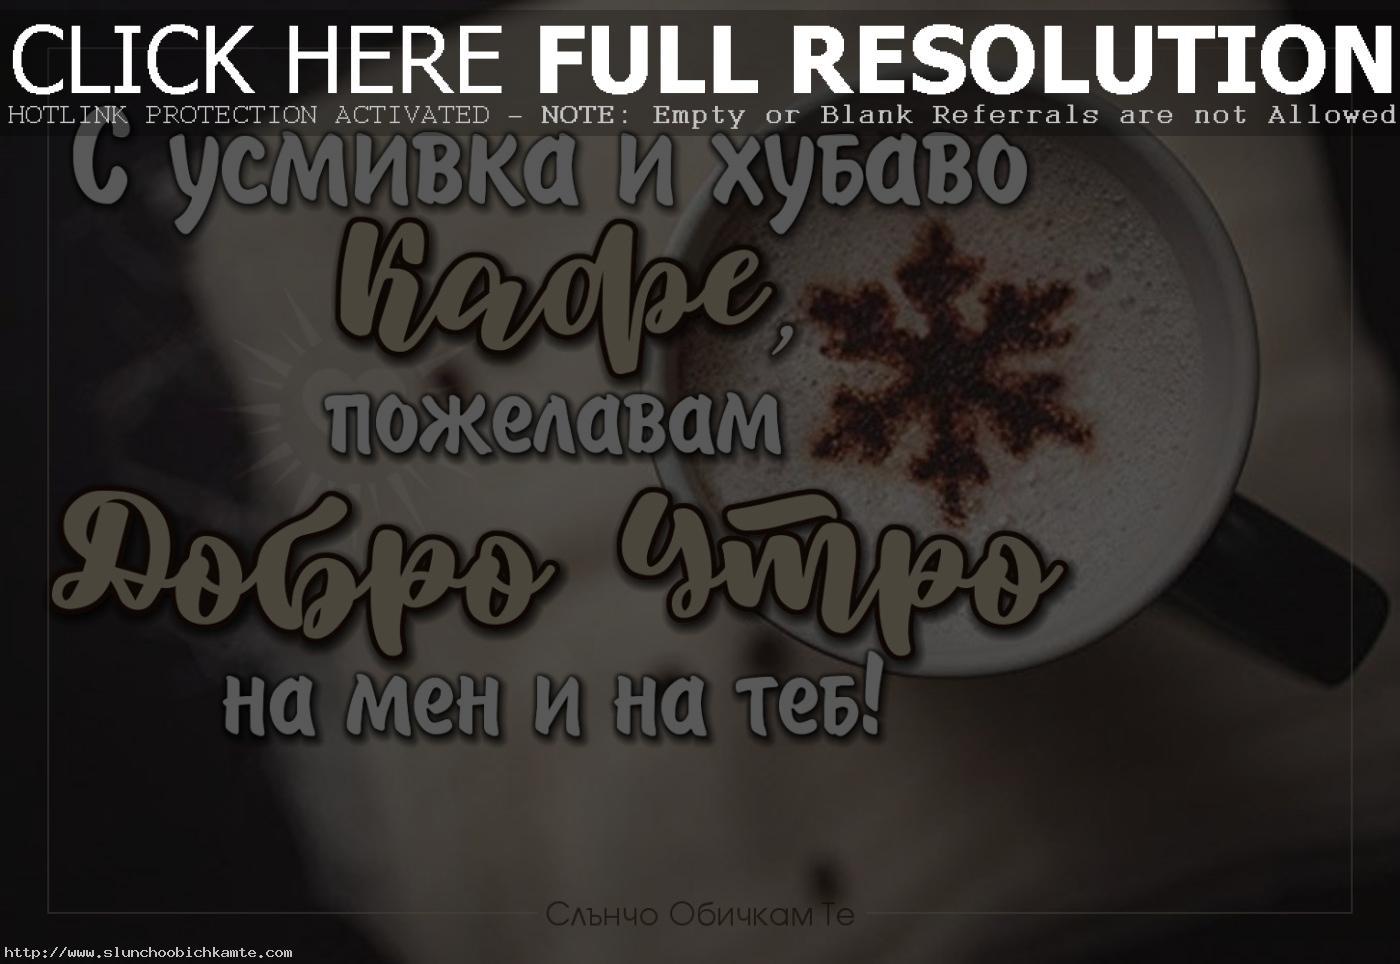 С усмивка и хубаво кафе, пожелавам Добро утро на мен и на теб! - Пожелания за добро утро, добро утро на коледа, добро утро и хубав ден, картички за добро утро